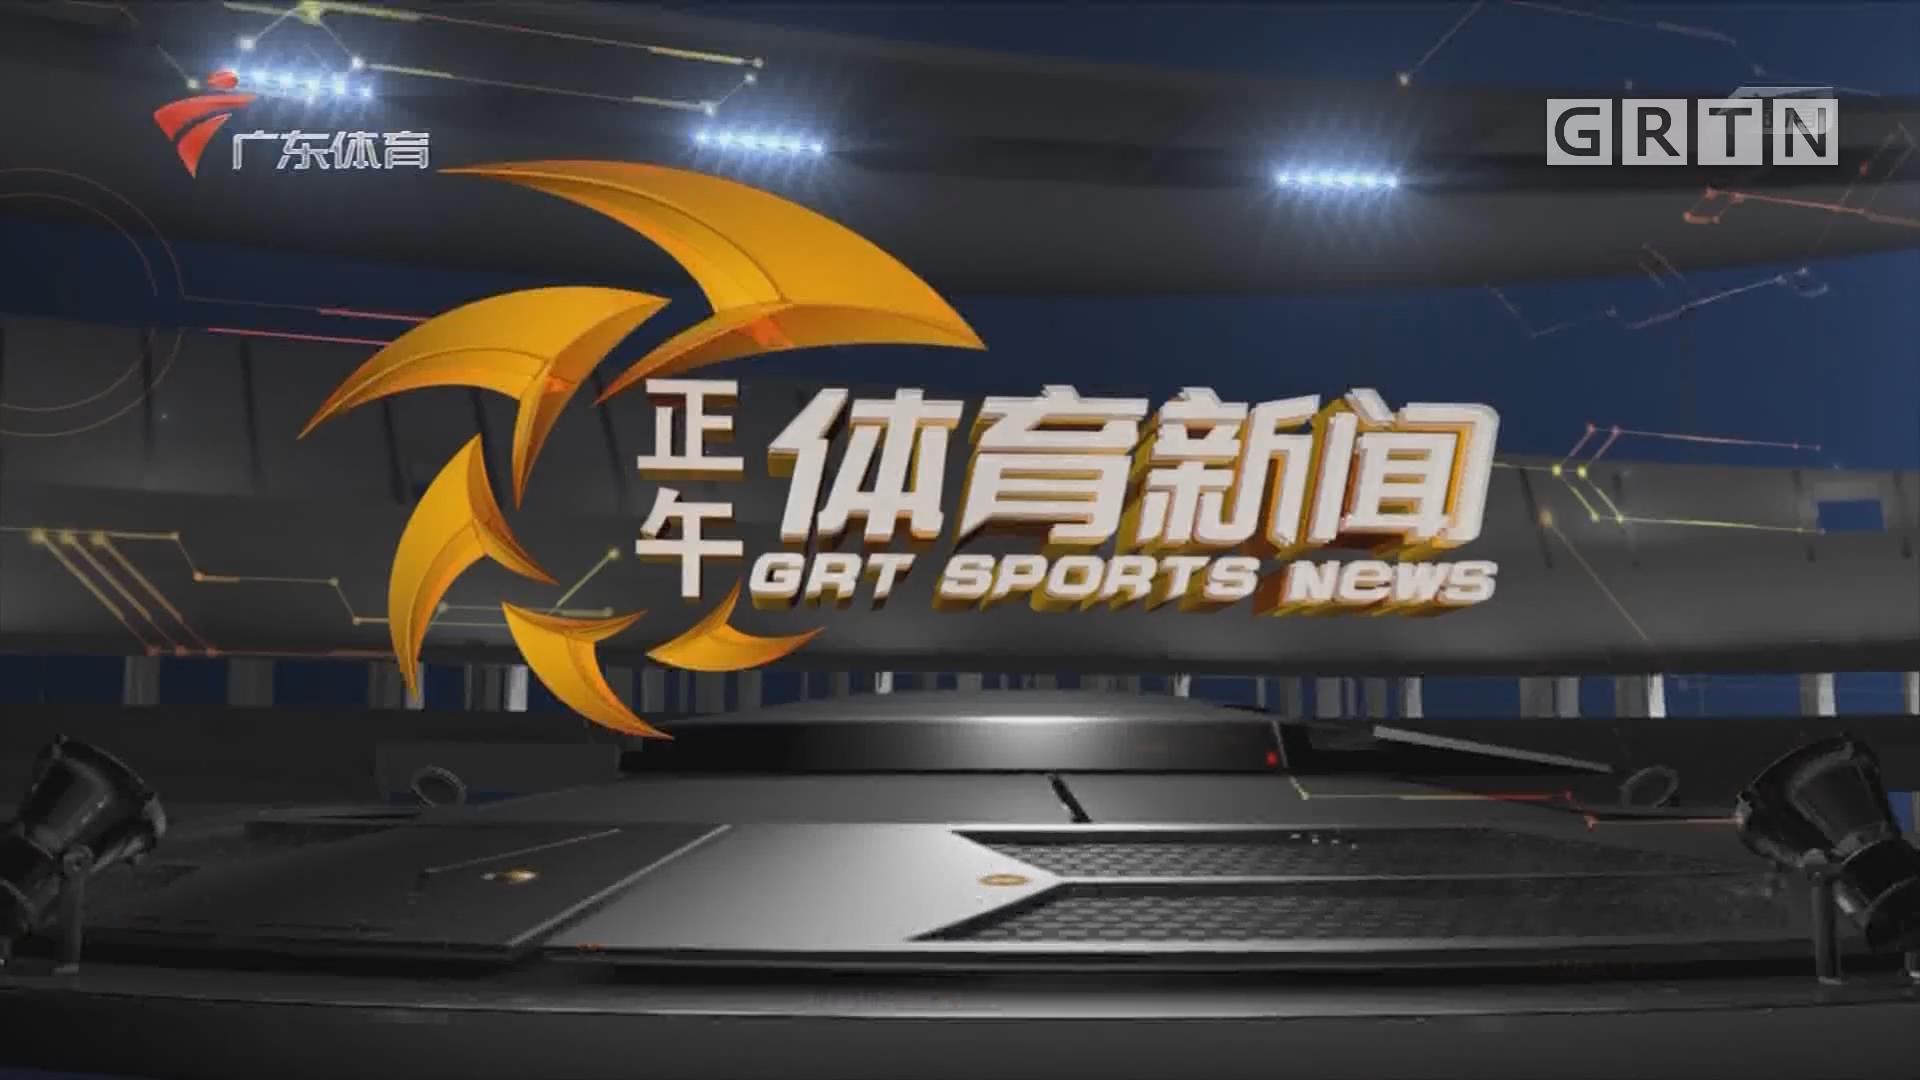 [HD][2020-01-17]正午体育新闻:杨滨瑜摘得2020年冬青奥会中国代表团首金